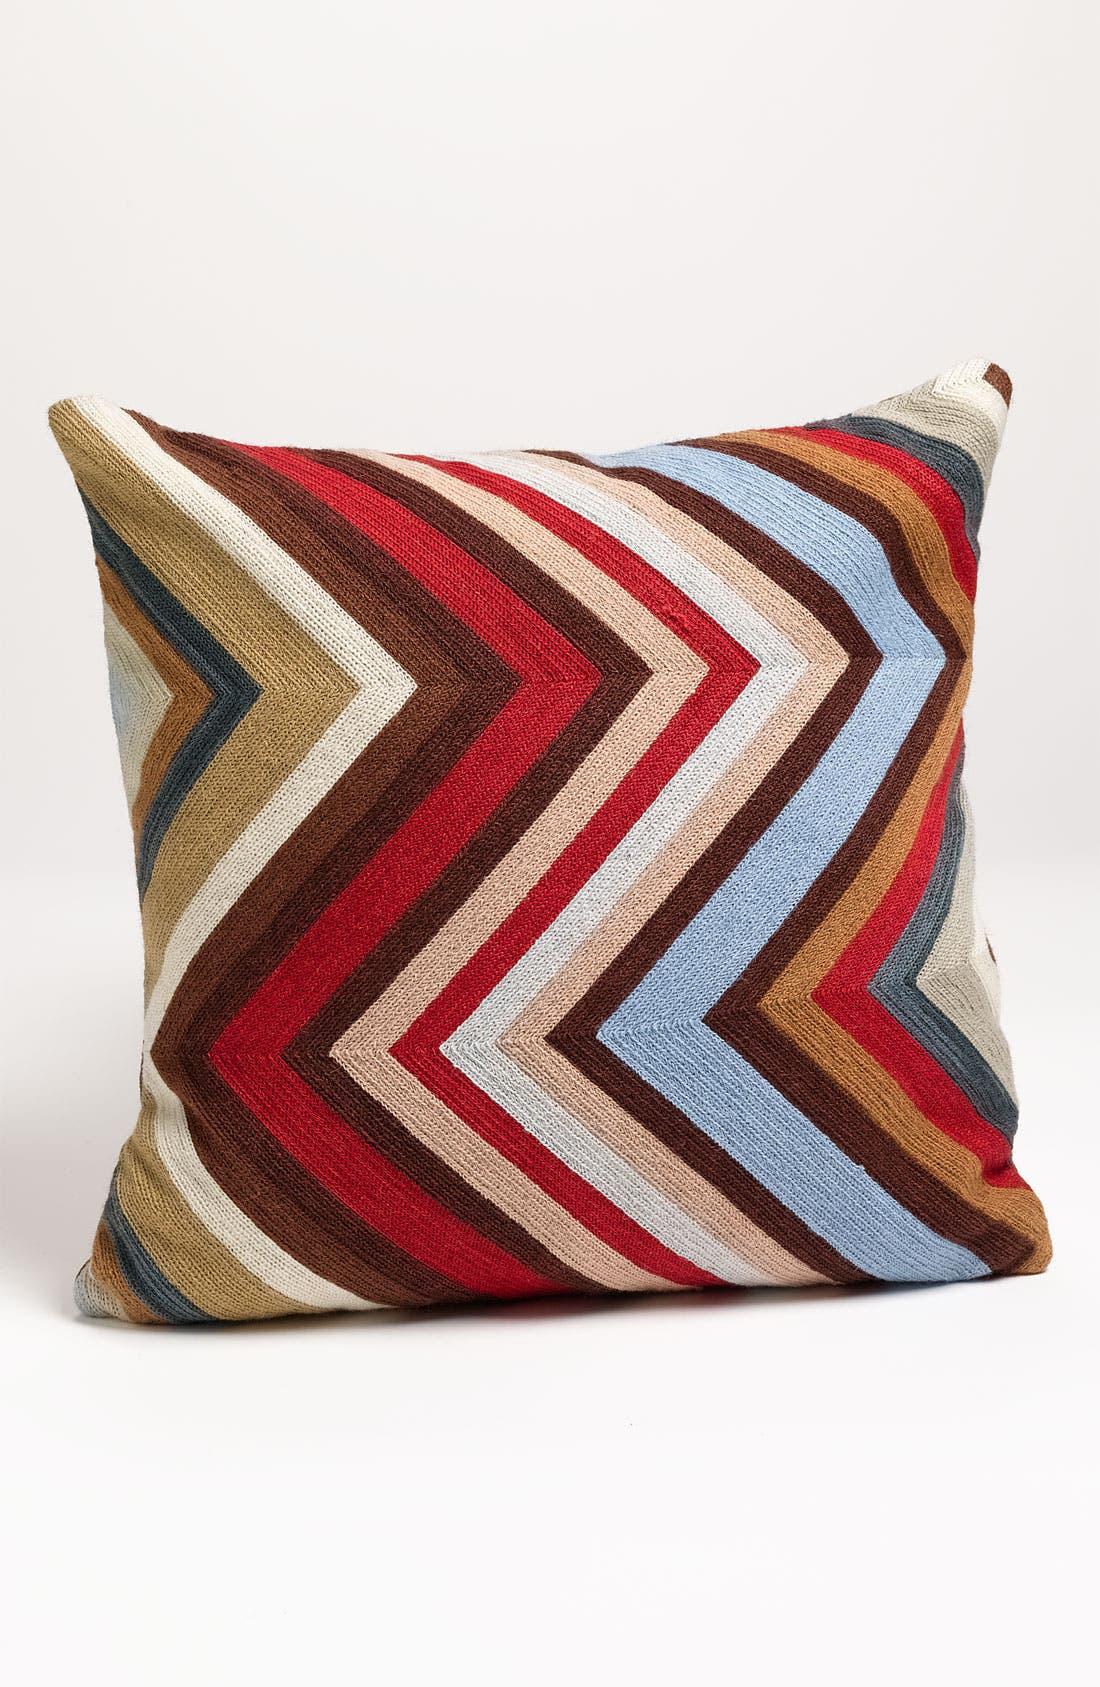 'Chevron' Pillow,                         Main,                         color, 960